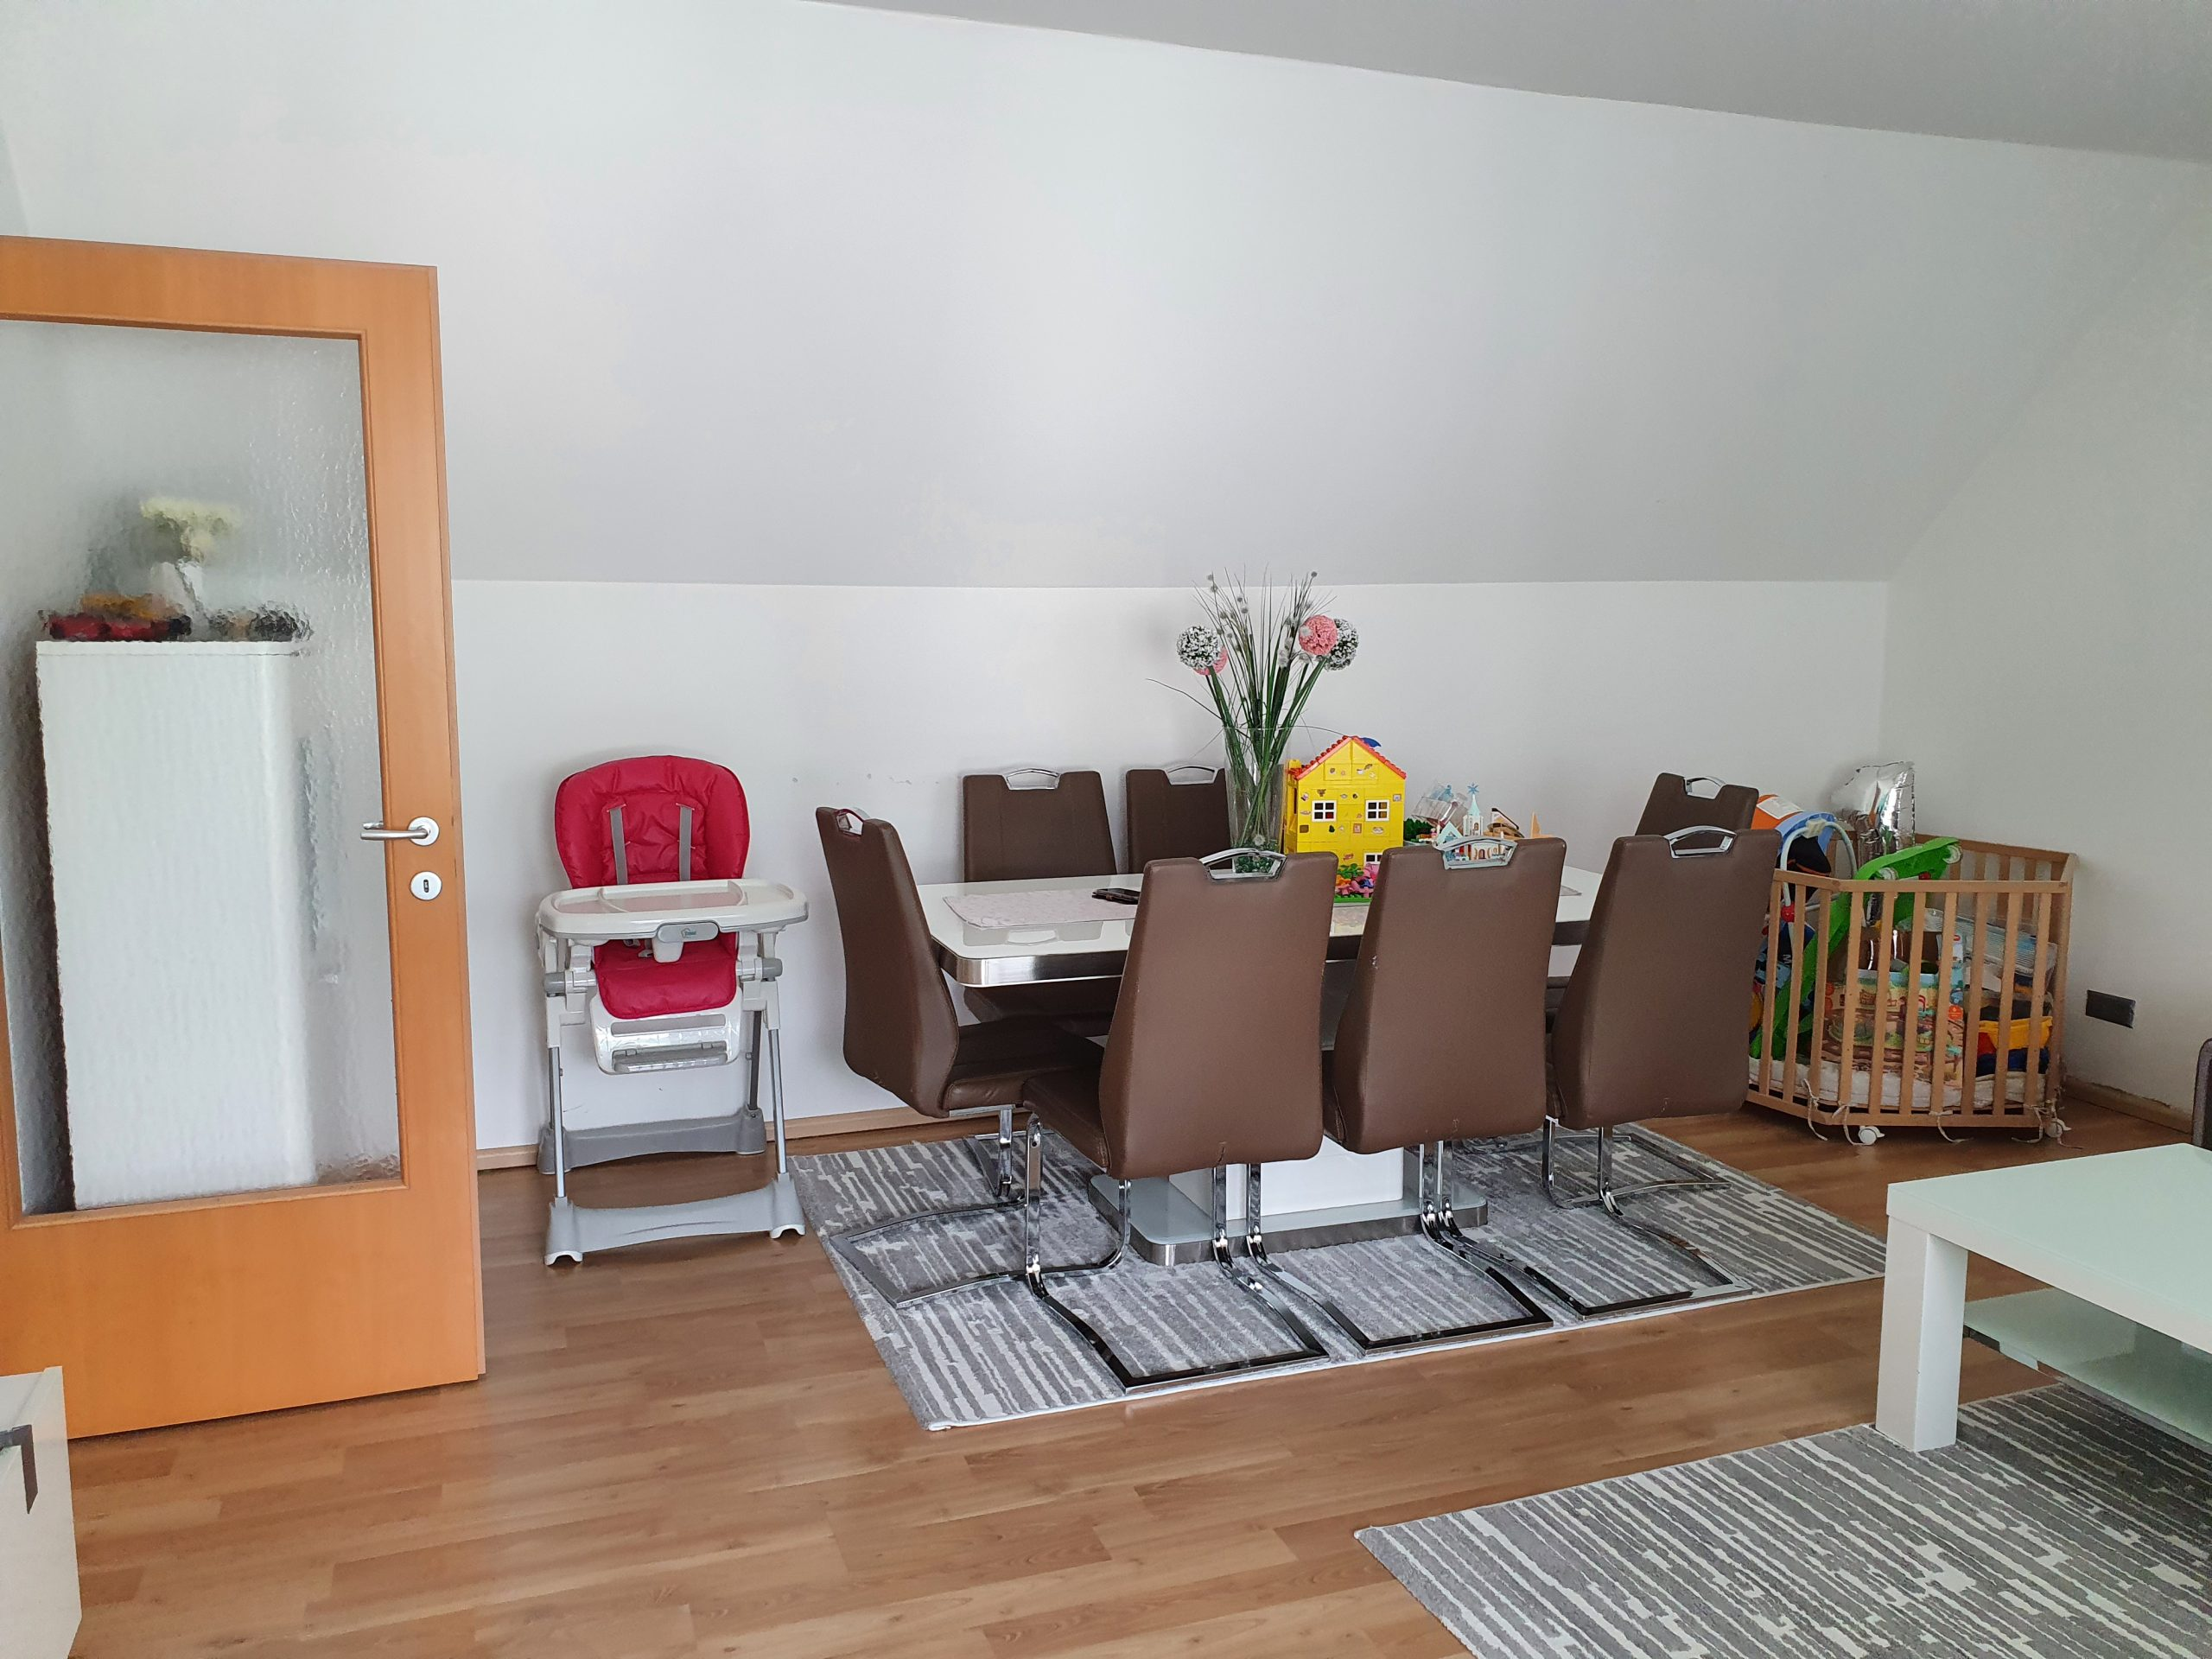 Immobilie von Kamptal in 2222 Bad Pirawarth, Gänserndorf, Bad Pirawarth I/1 - Top 205 #4